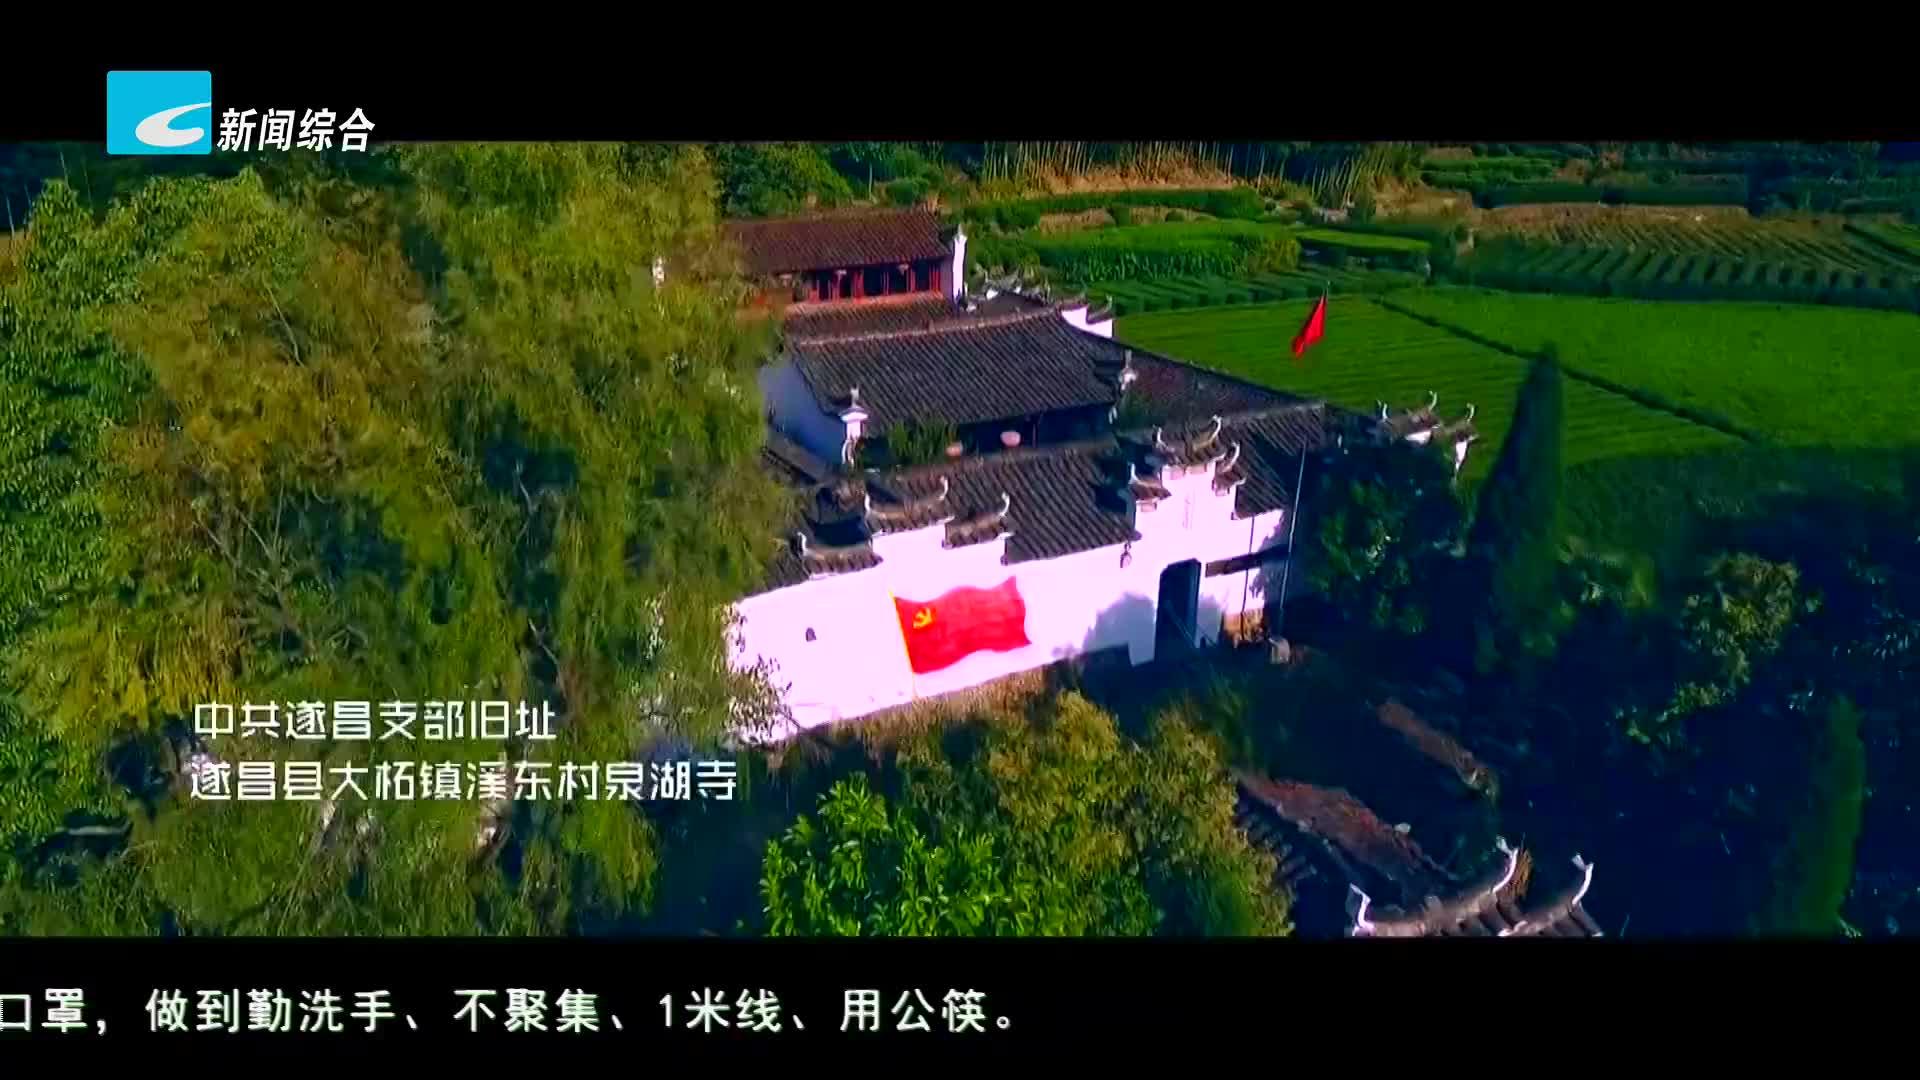 【丽水人文大讲堂】浙西南第一个党组织的诞生